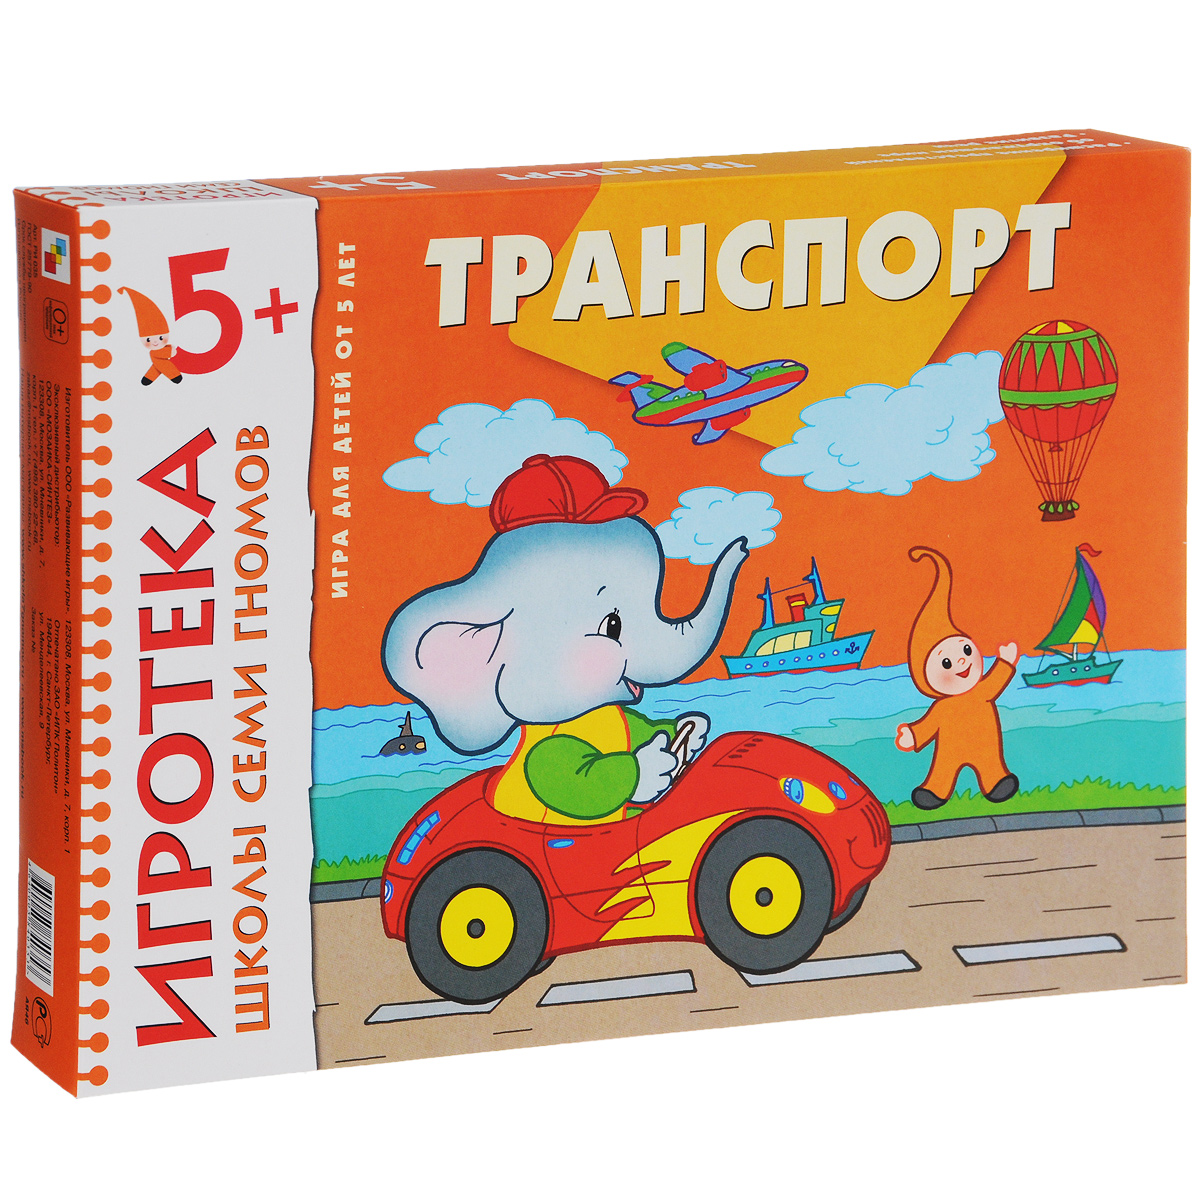 Д. Денисова Транспорт. Развивающая игра ISBN: 464-0-00584-035-3 настольные игры азбука тойс лото транспорт